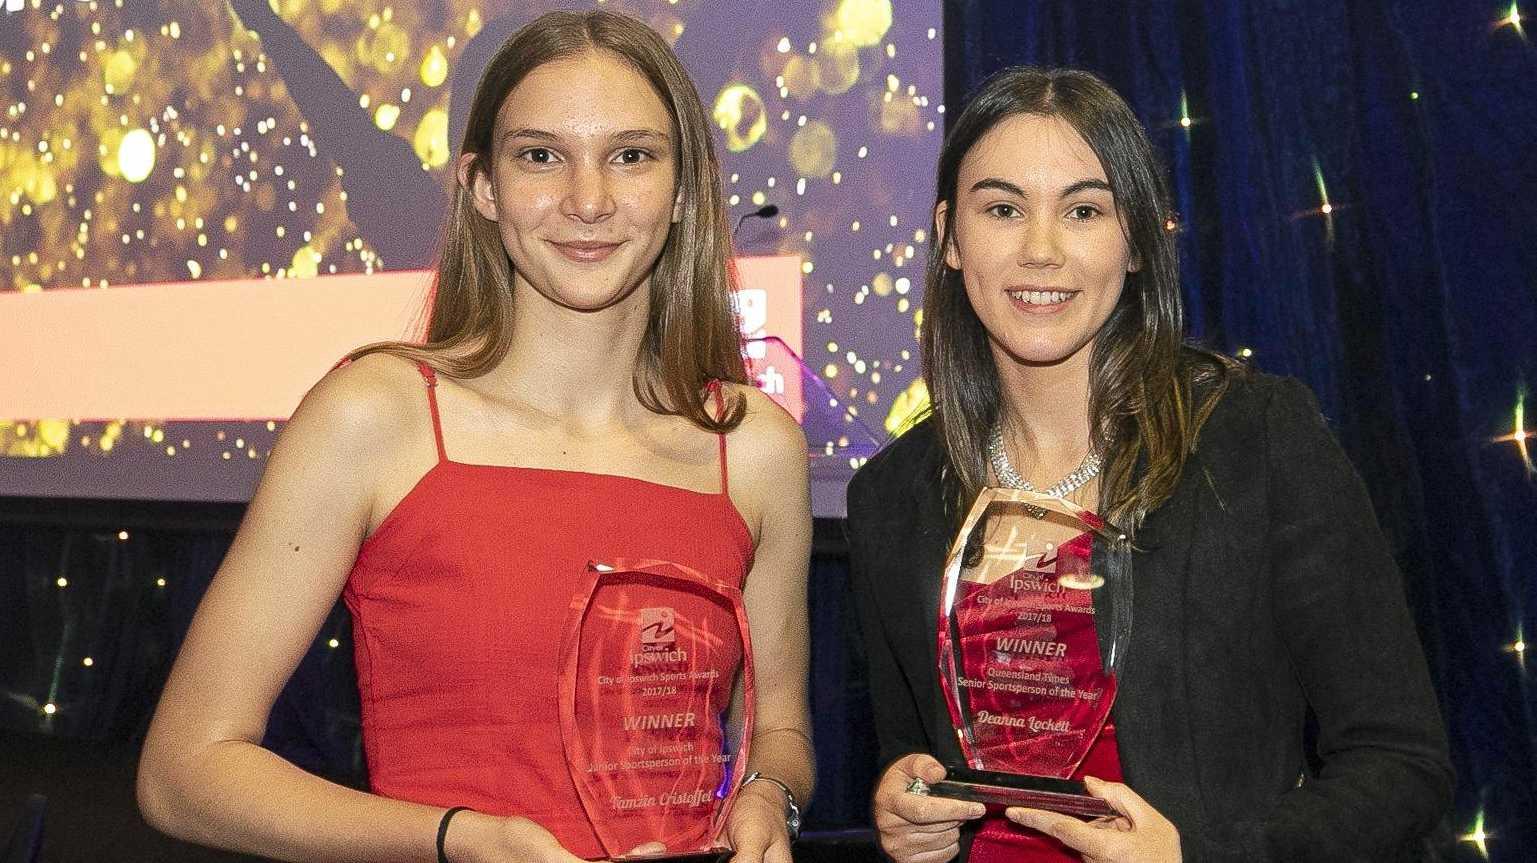 RECOGNISED: 2018 City of Ipswich Sports Awards recipients Taekwondo specialist Tamzin Christoffel and short track speed skater Deanna Lockett (Short Track Speed Skating).